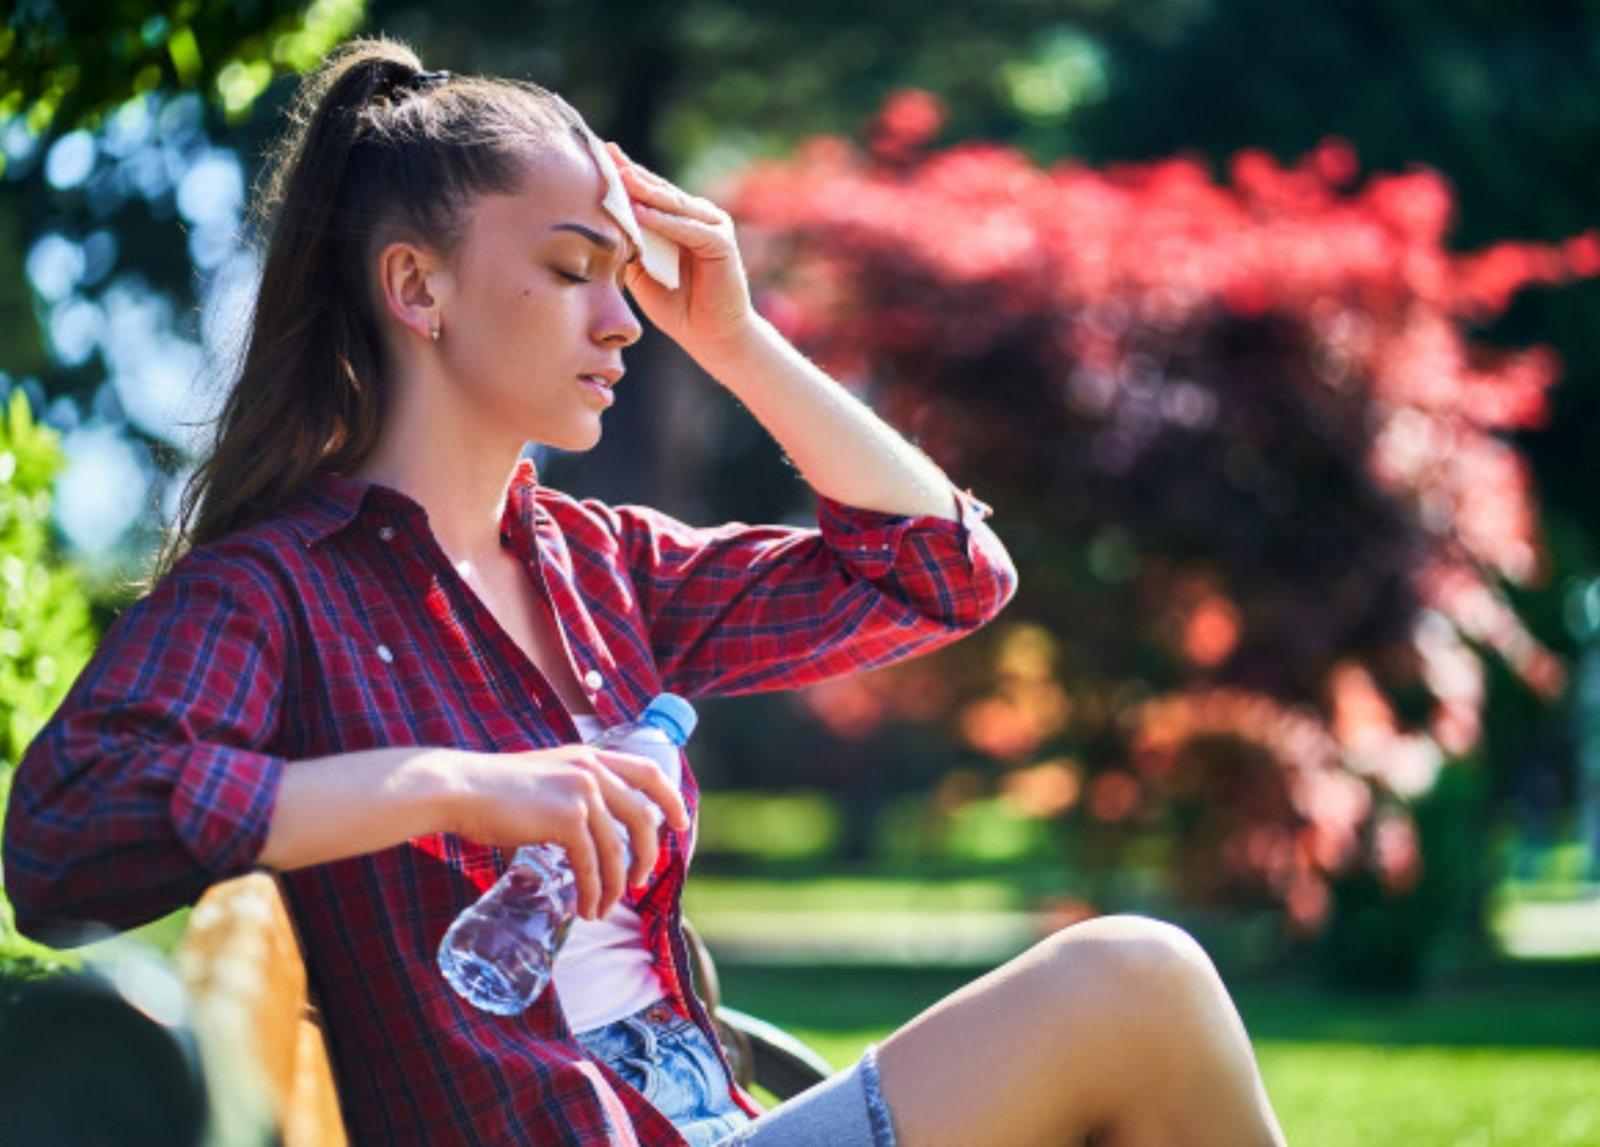 Vasaros orų prognozė Europai: ar fiksuosime naujus karščio rekordus?